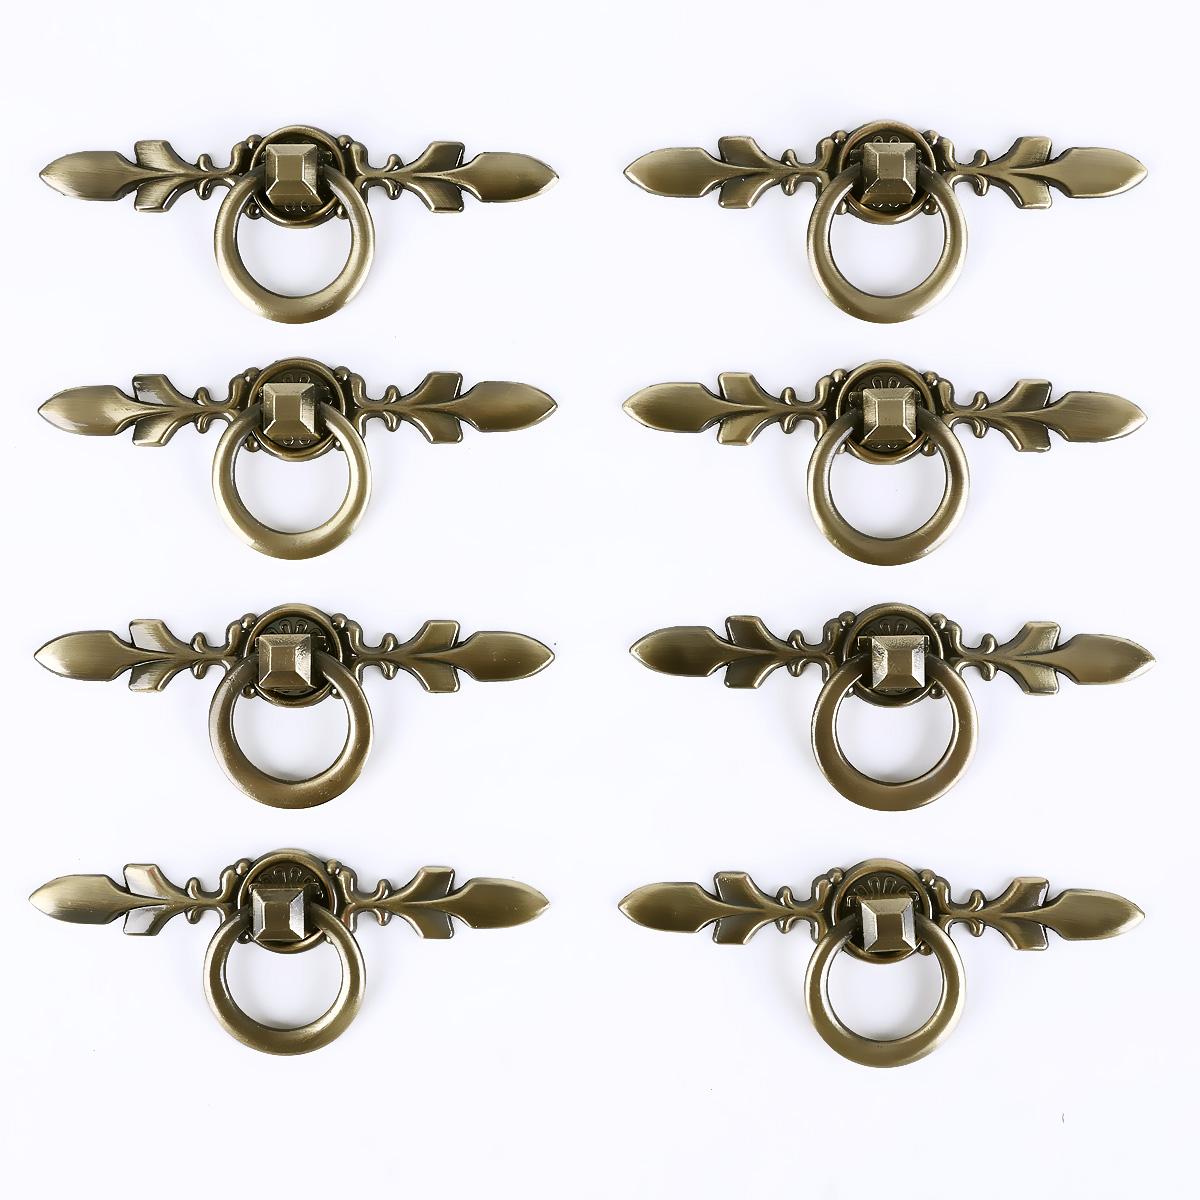 8 x poign e de porte bronz avec anneau 4cm pour meuble r tro vintage vis ebay. Black Bedroom Furniture Sets. Home Design Ideas